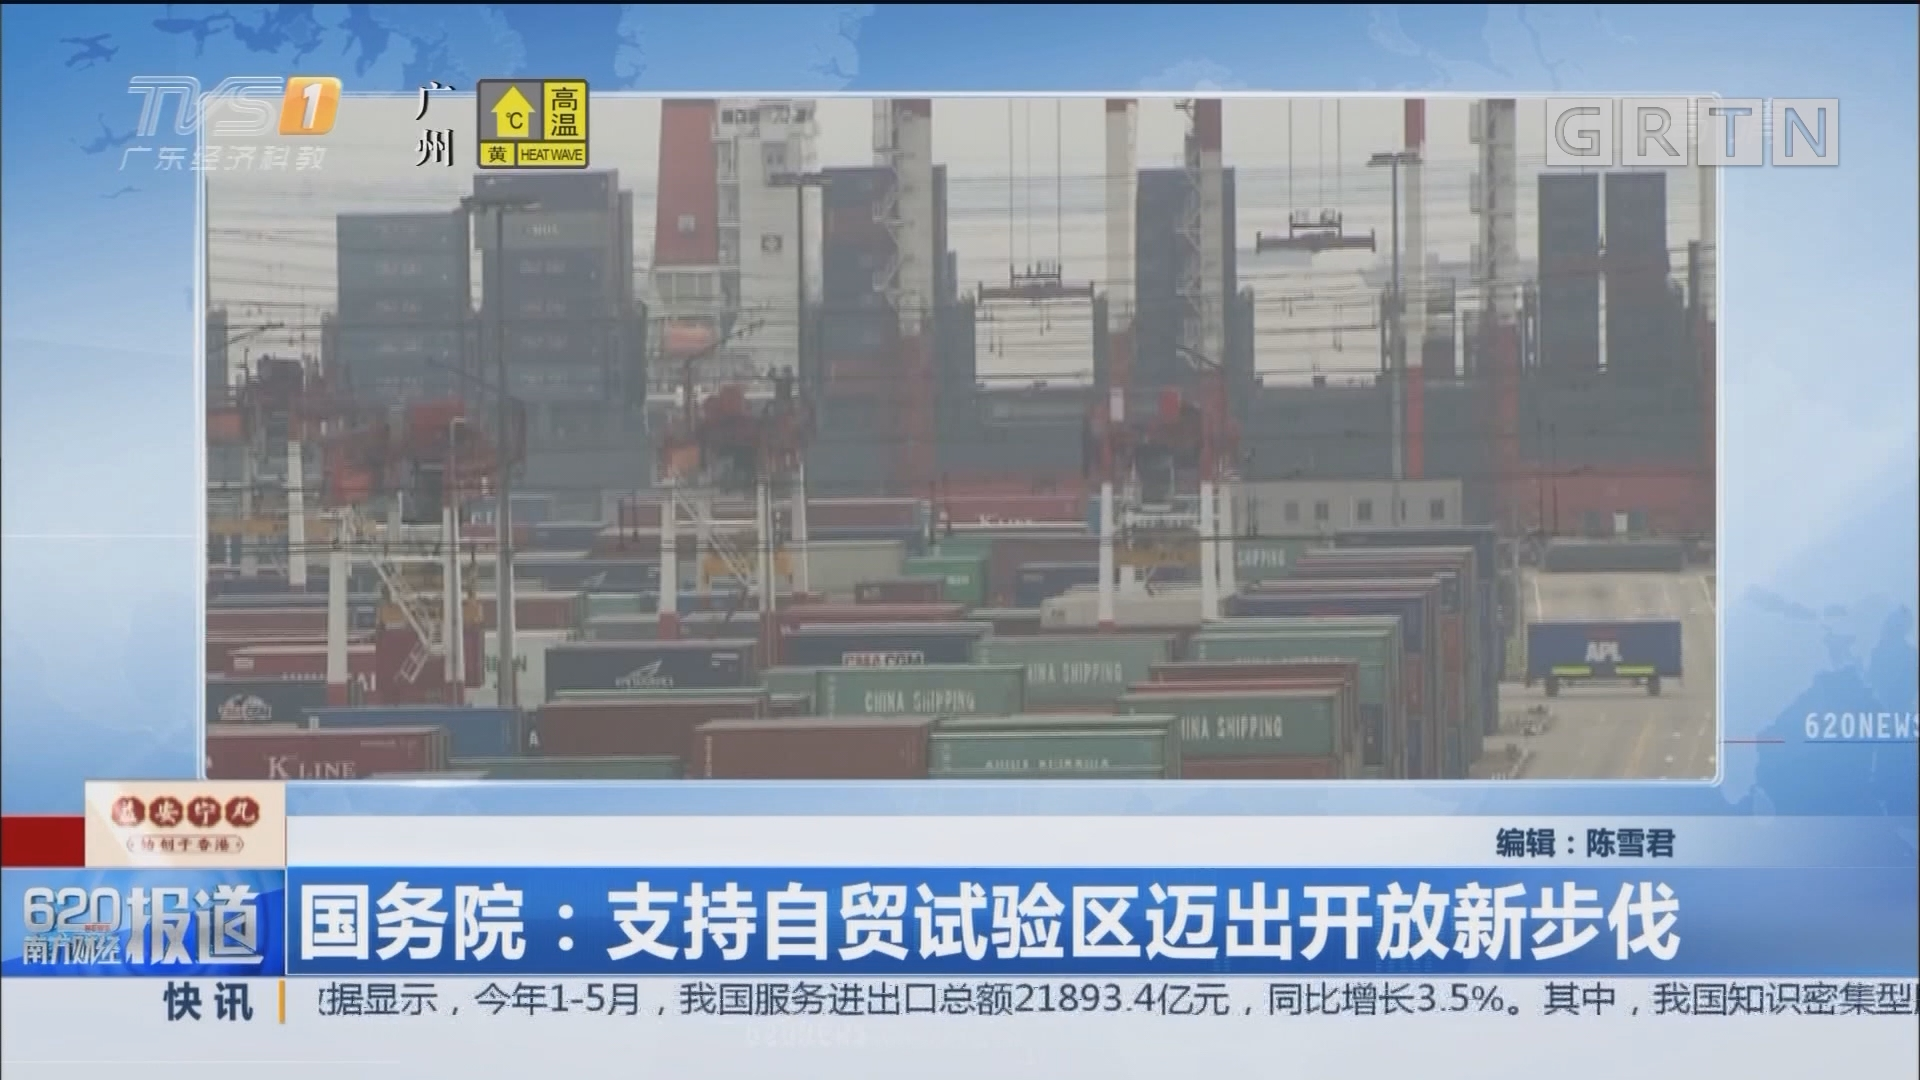 国务院:支持自贸试验区迈出开放新步伐